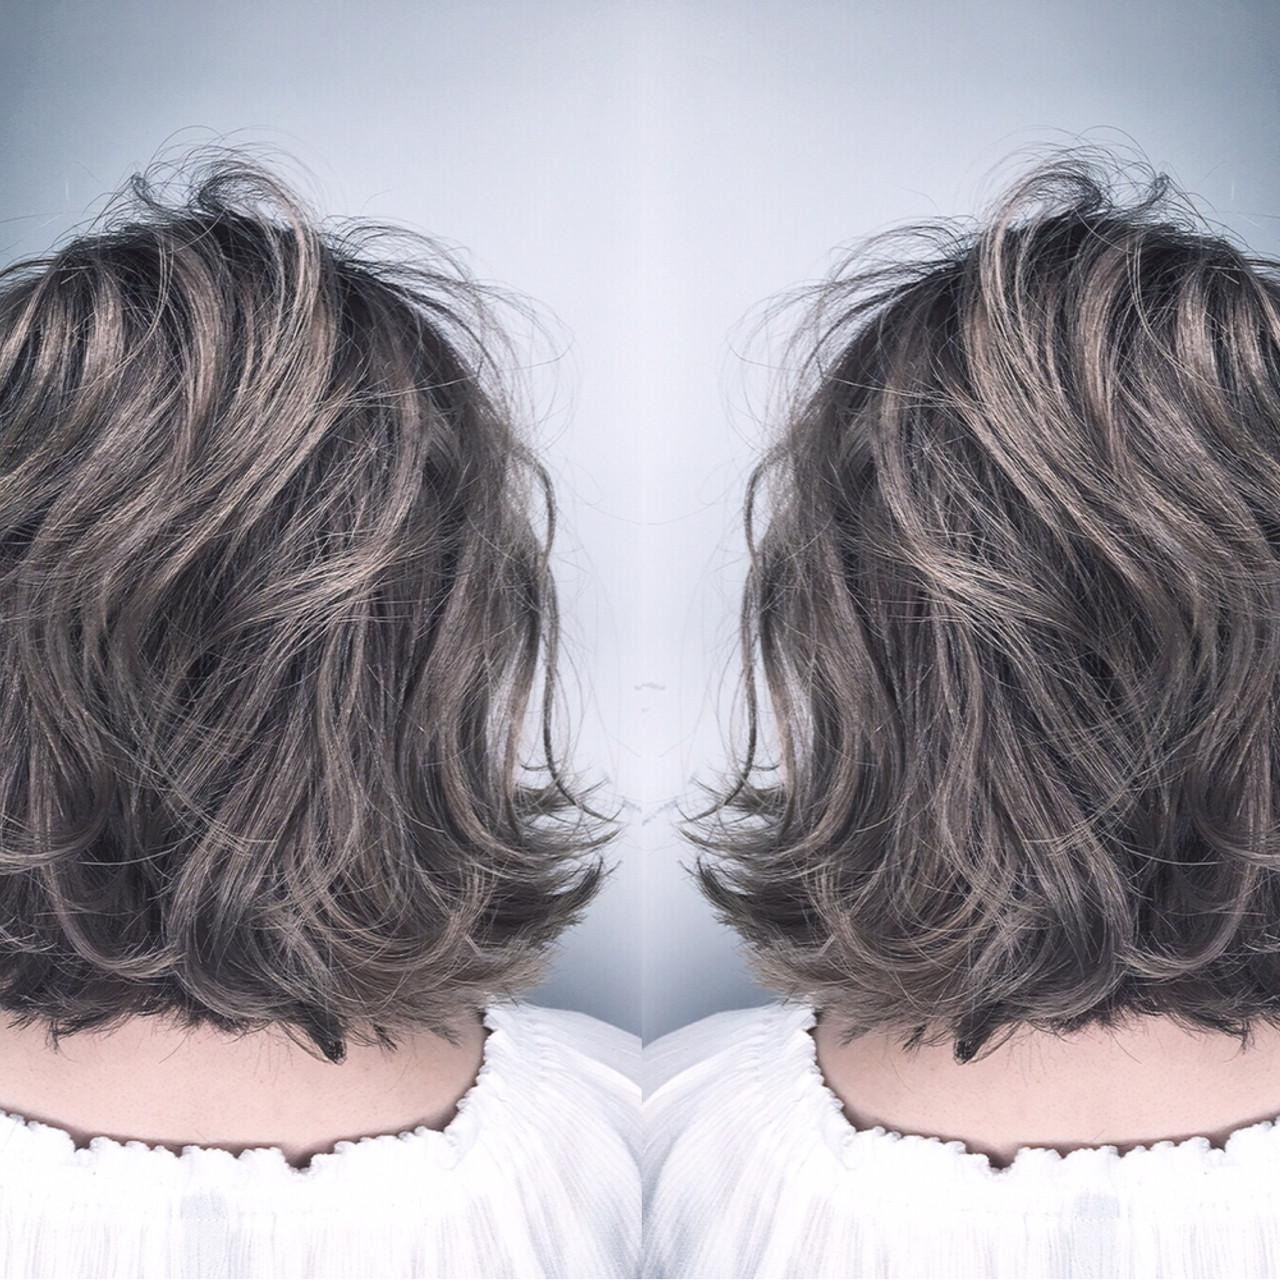 ボブ ナチュラル ウェーブ 外国人風 ヘアスタイルや髪型の写真・画像 | 筒井 隆由 / Hair salon mode